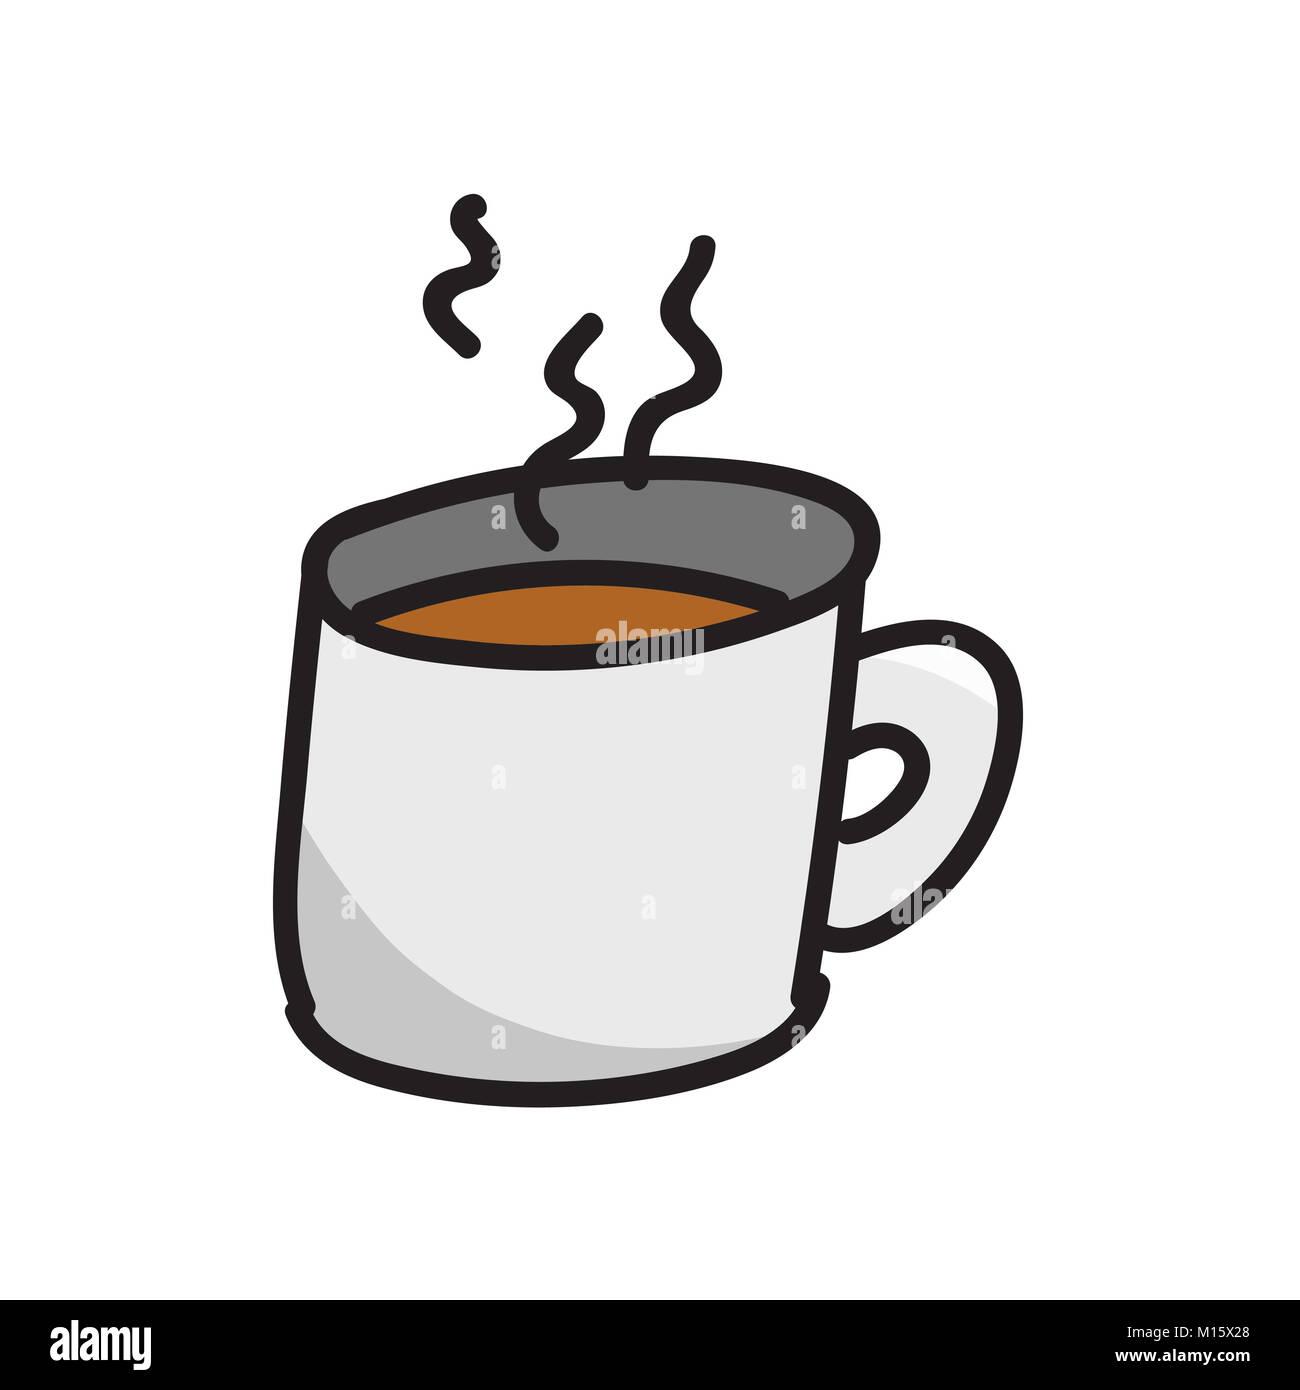 Vettori di caffè Immagini Stock